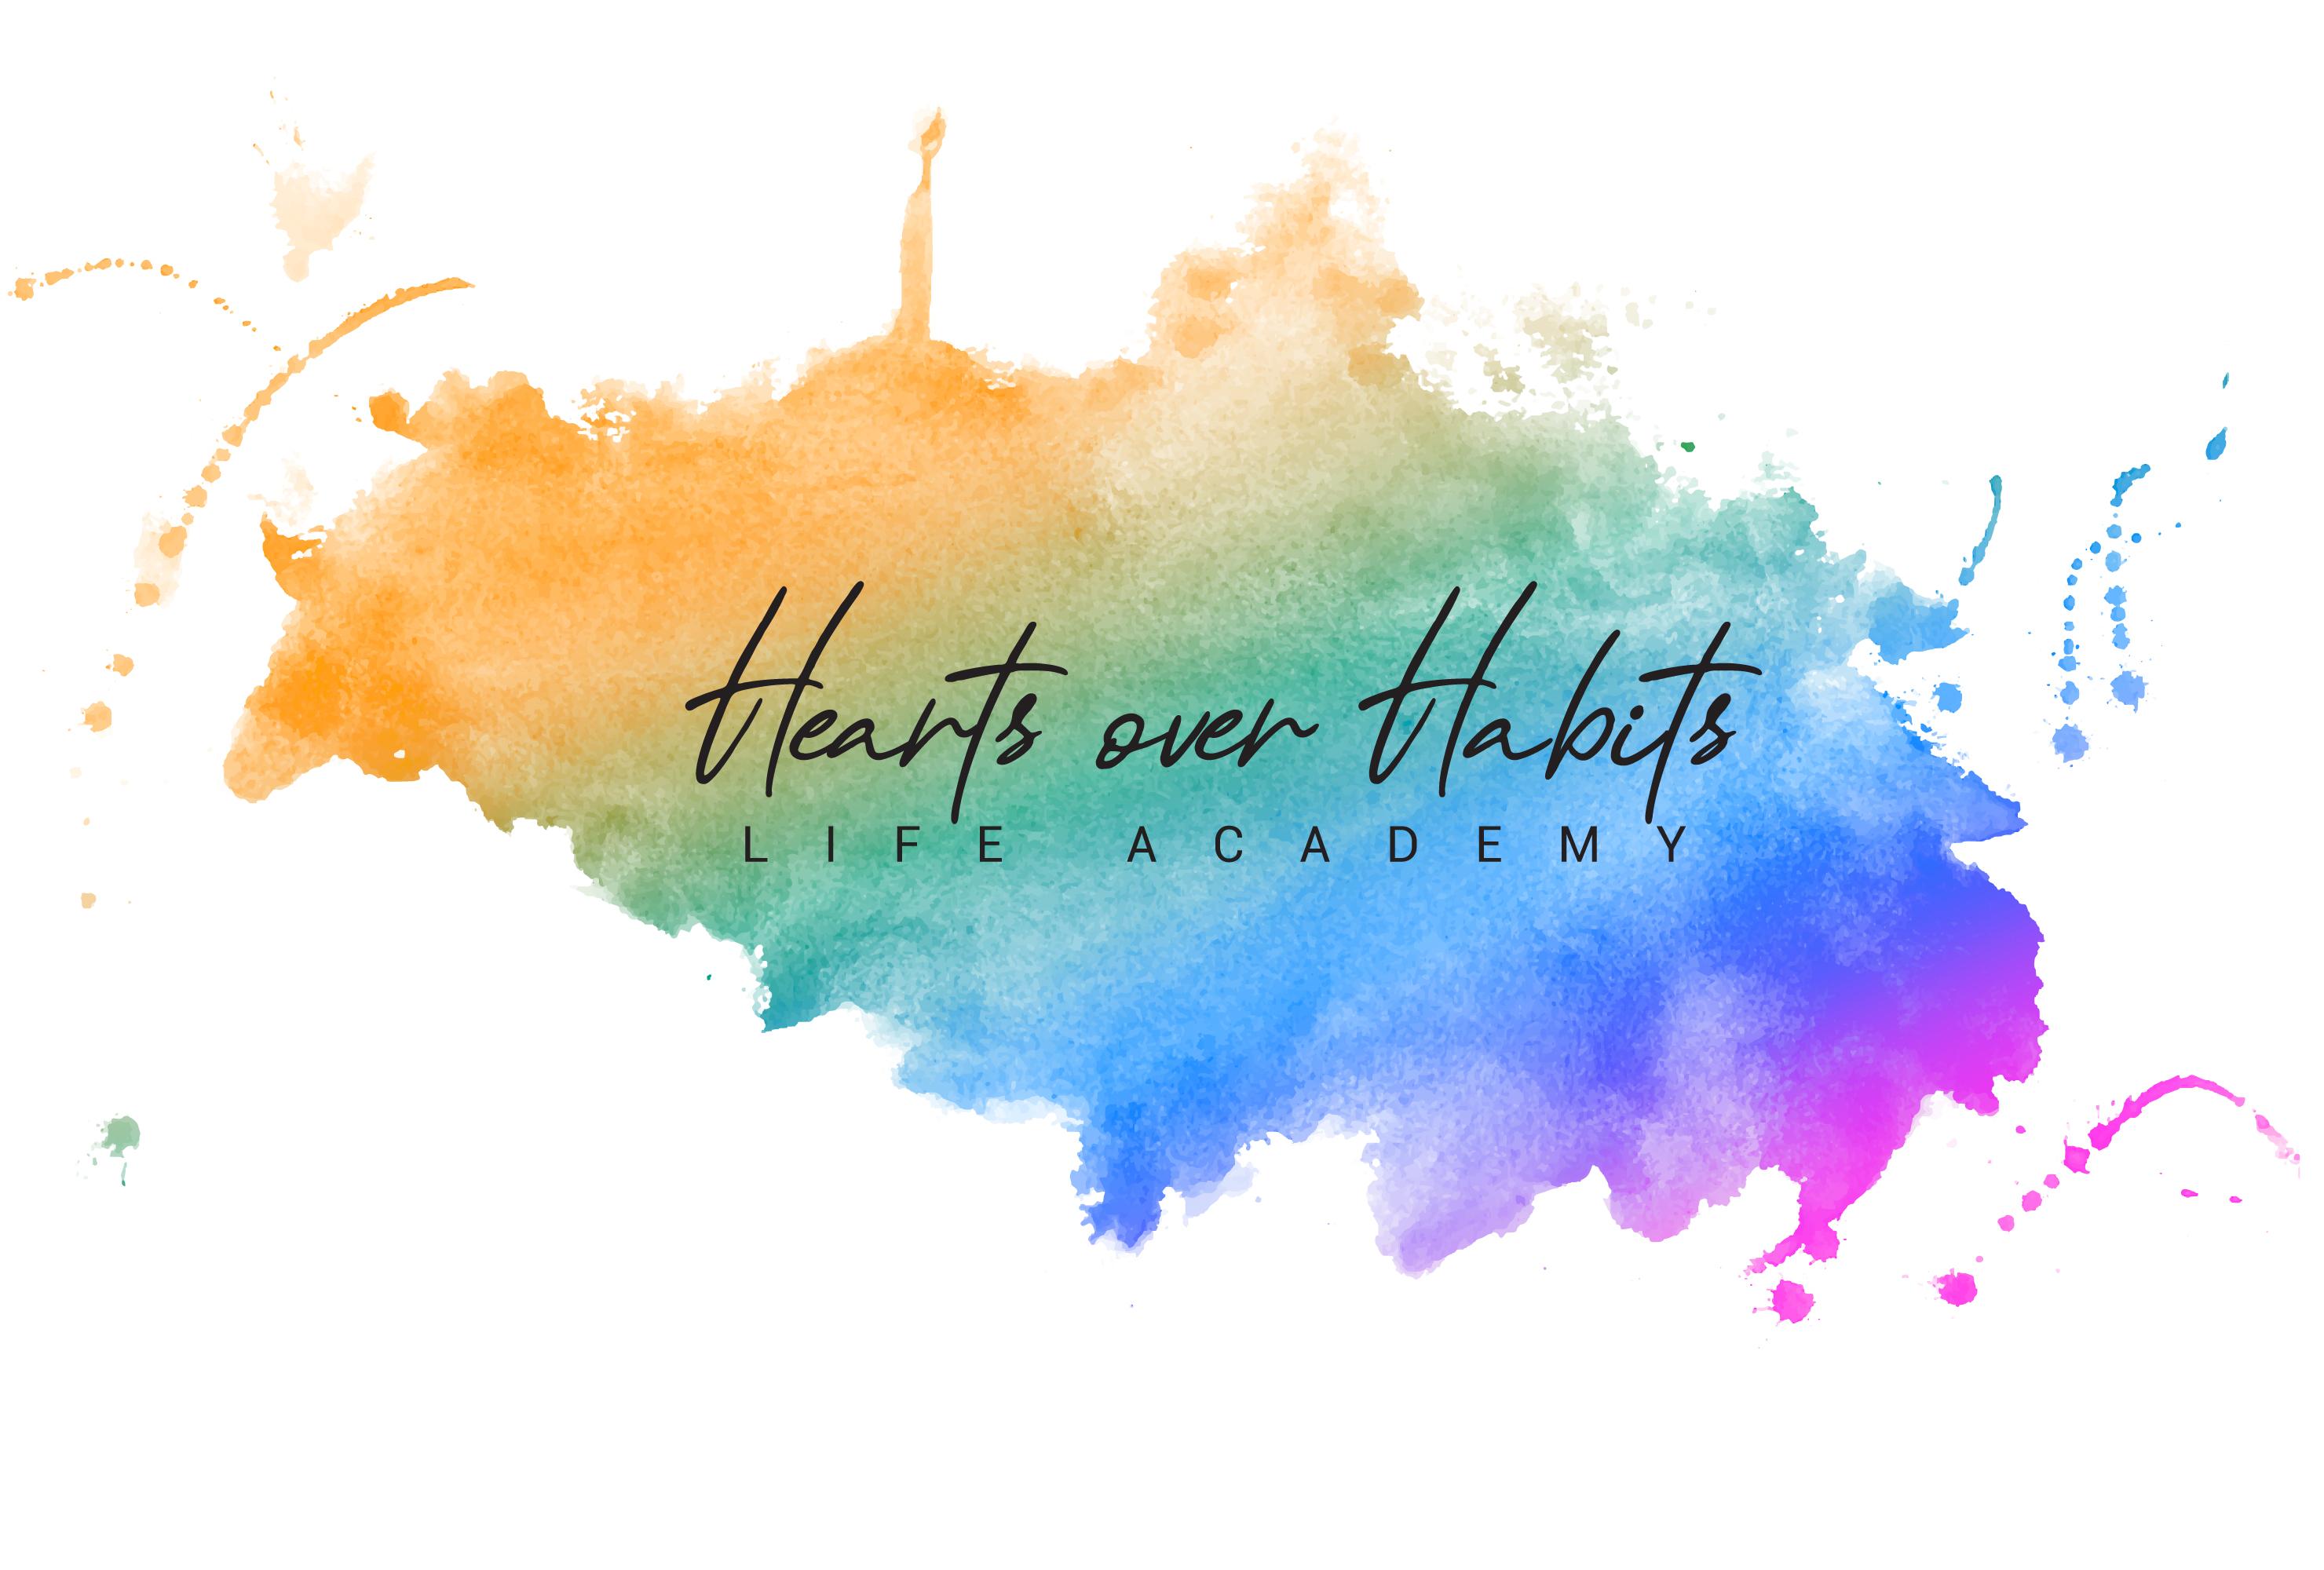 www.heartsoverhabits.org